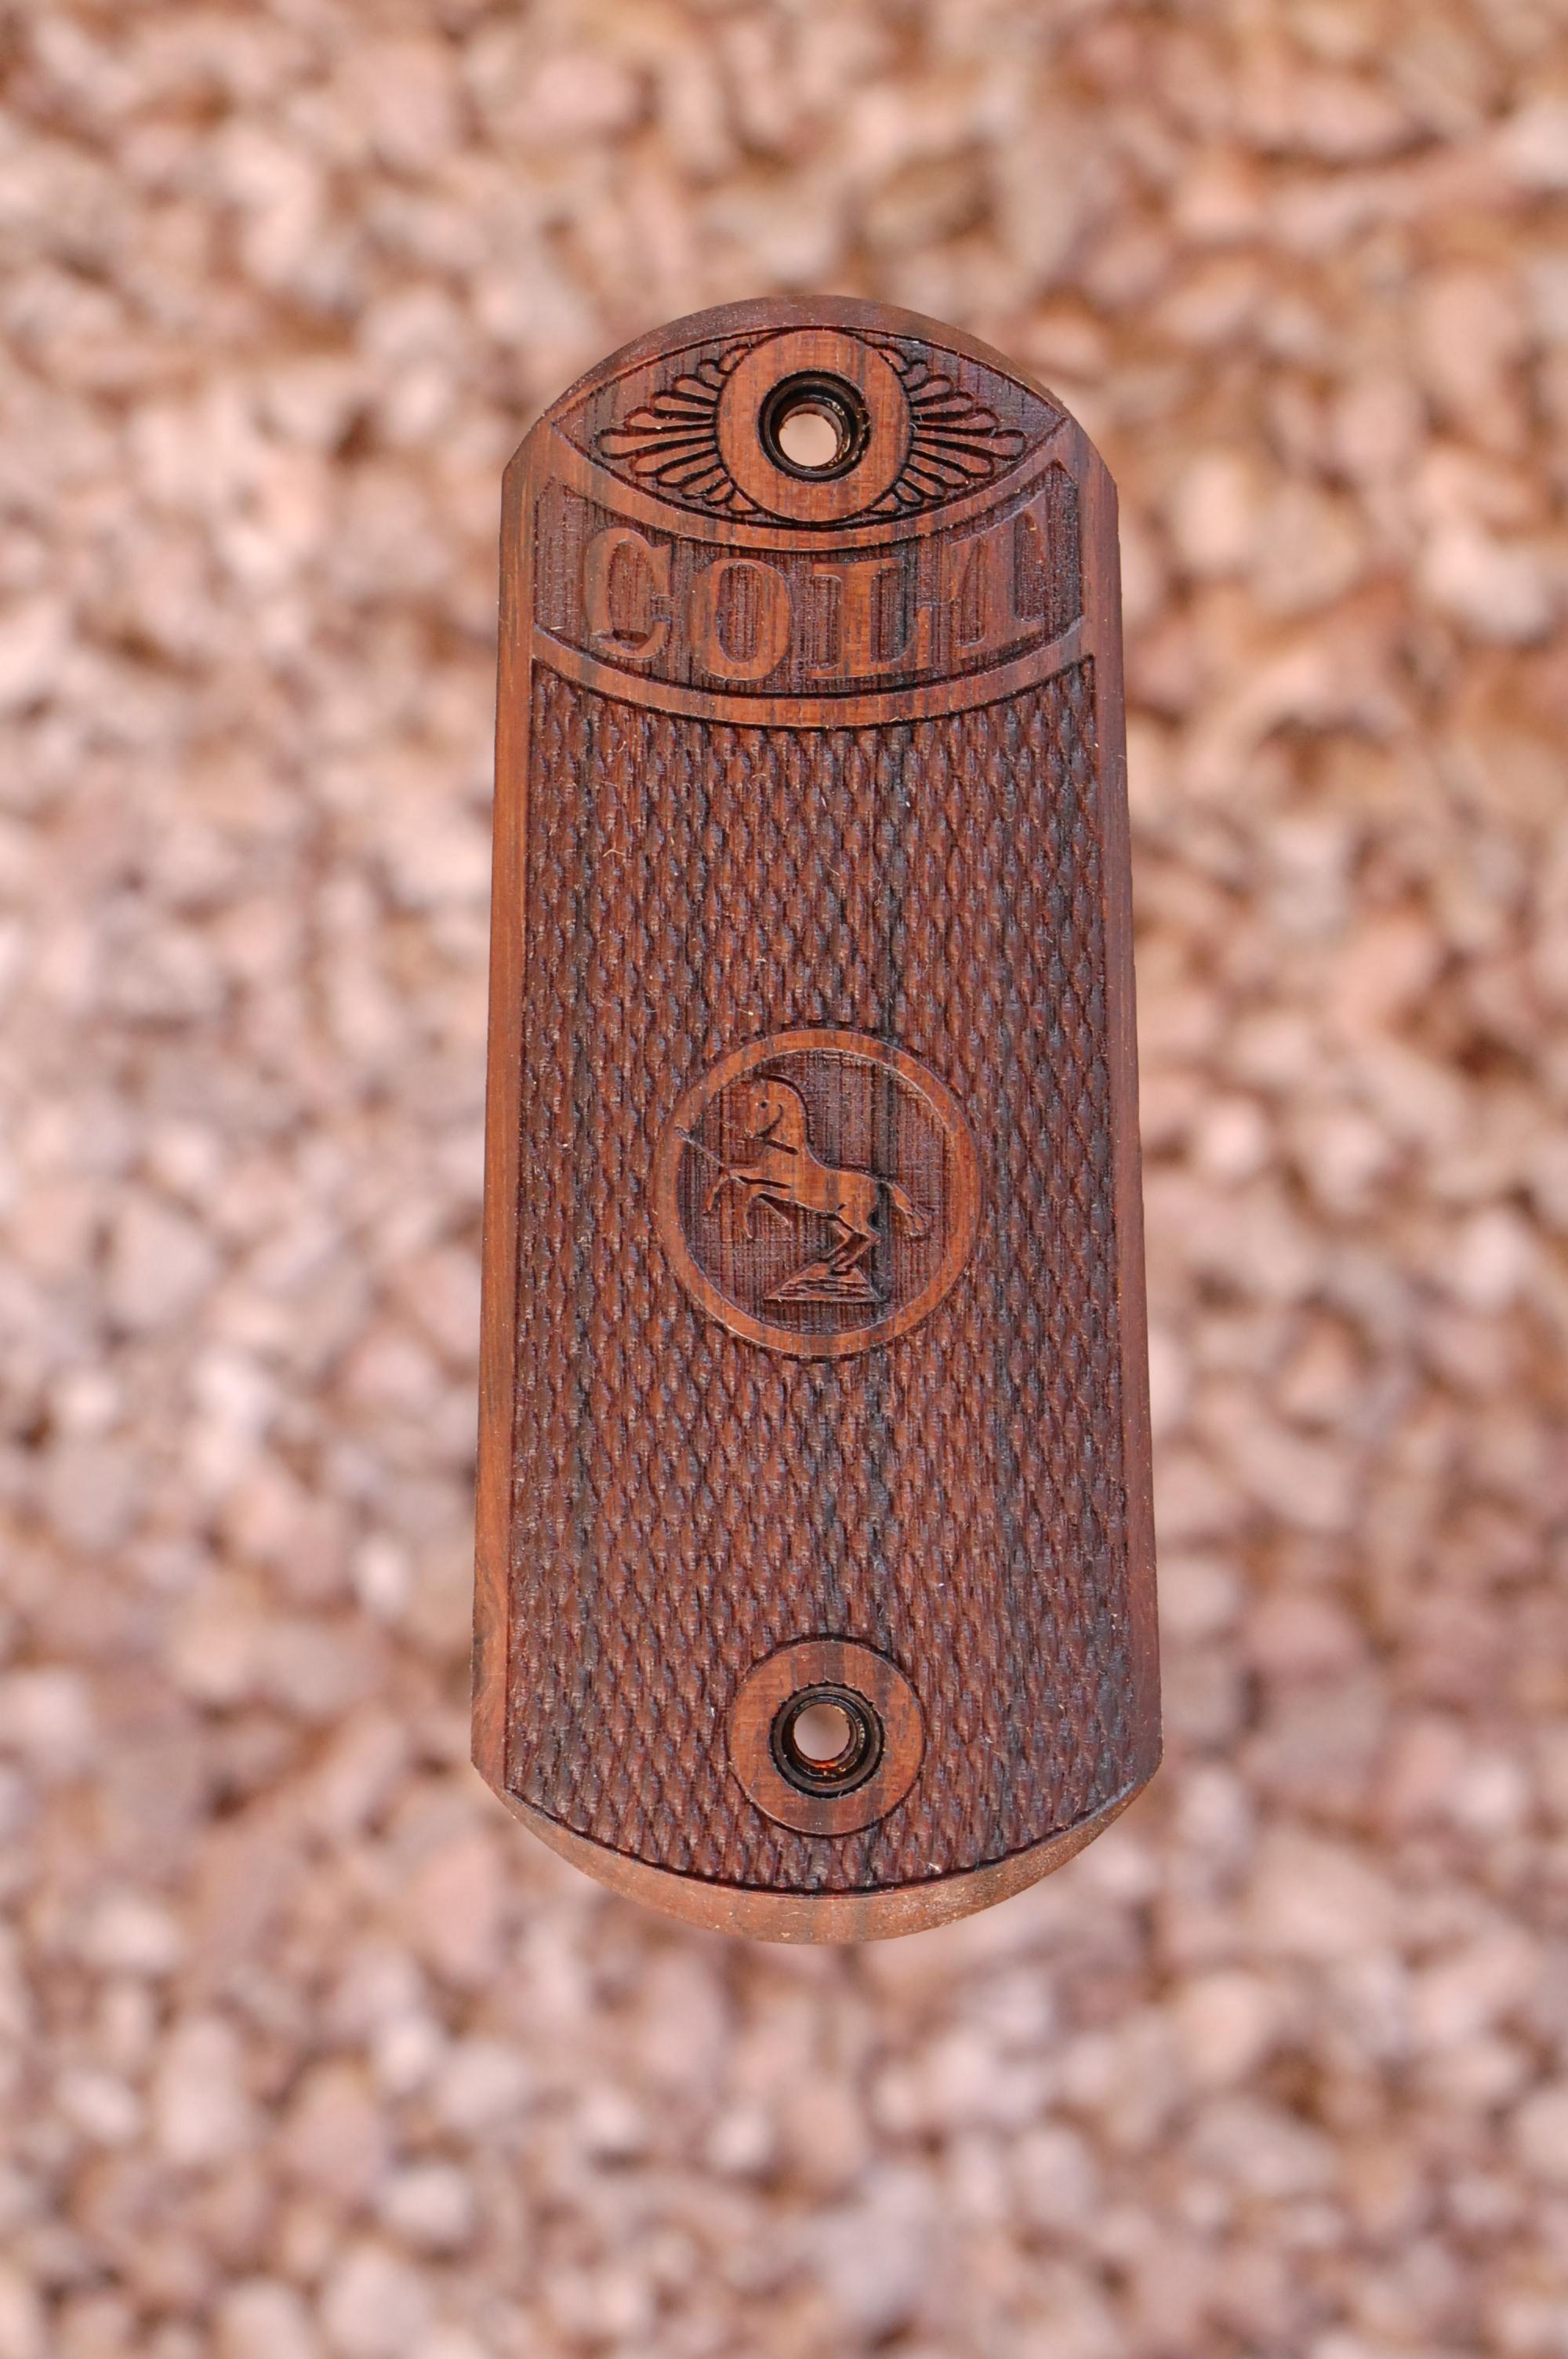 COLT 1902 SPORTING PISTOL grips (checkerd) - full size